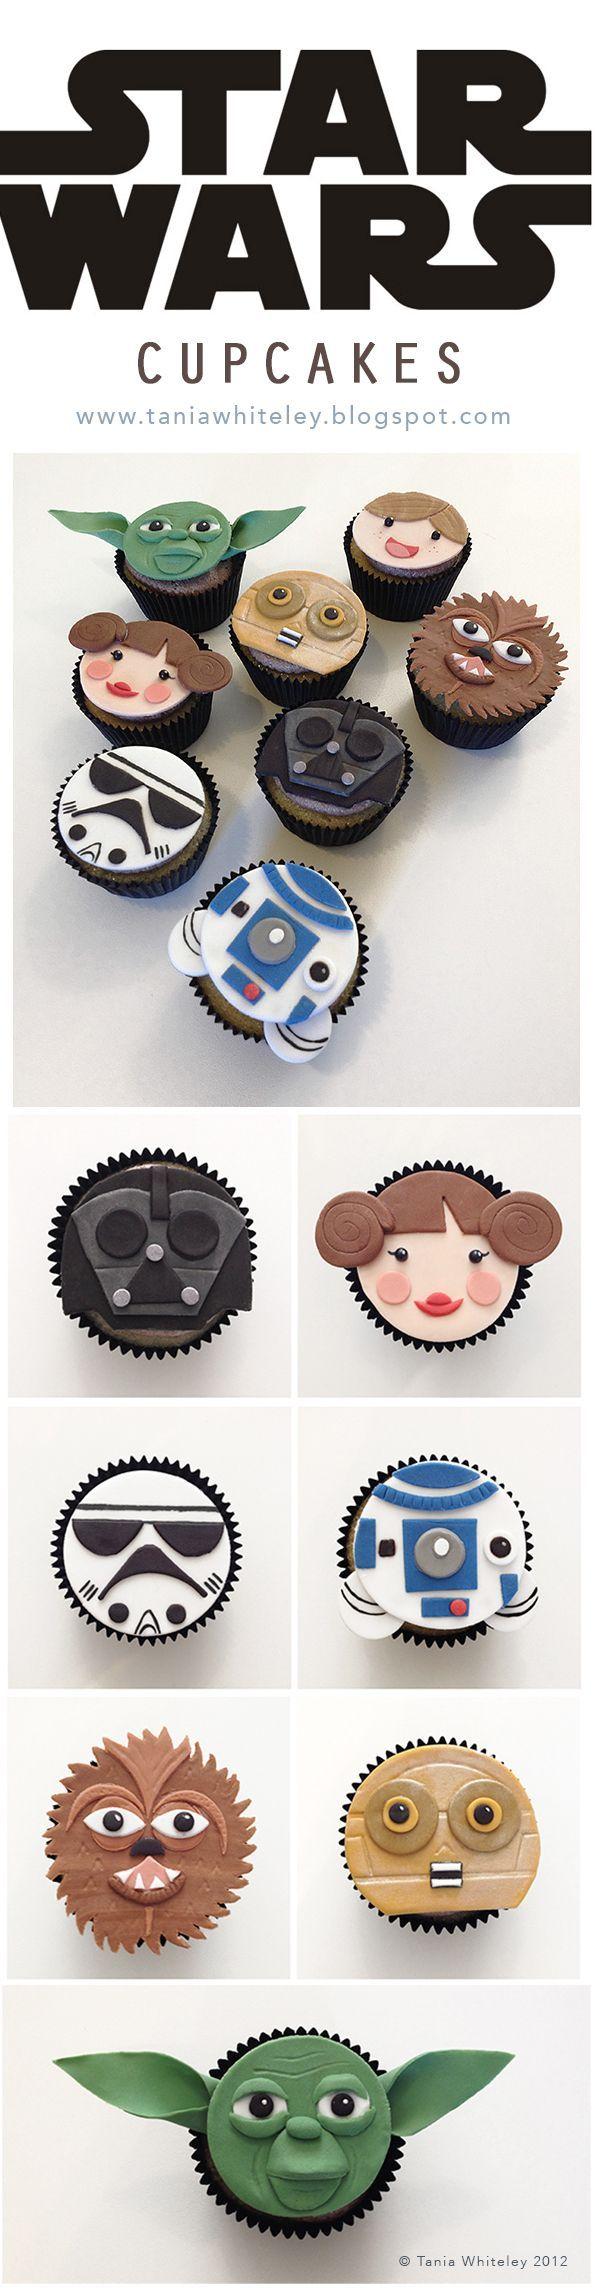 Star Wars Cupcakes.                                                                                                                                                                                 Más